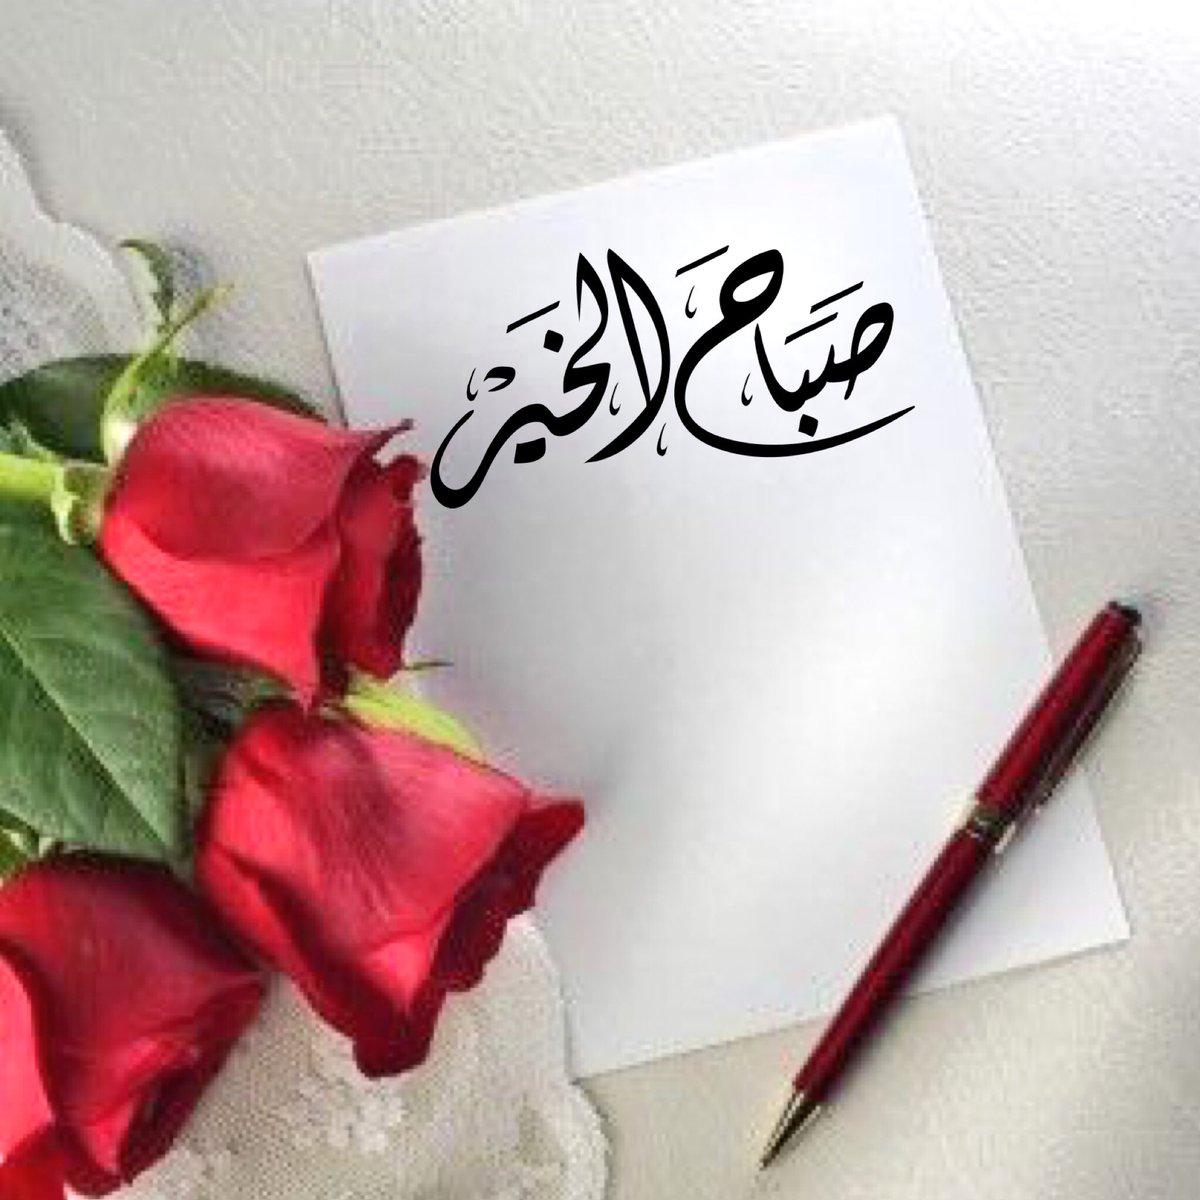 صورة صبحكم الله بالخير مزخرفه , صبح على حبايبك باجمل الكلمات المزخرفة